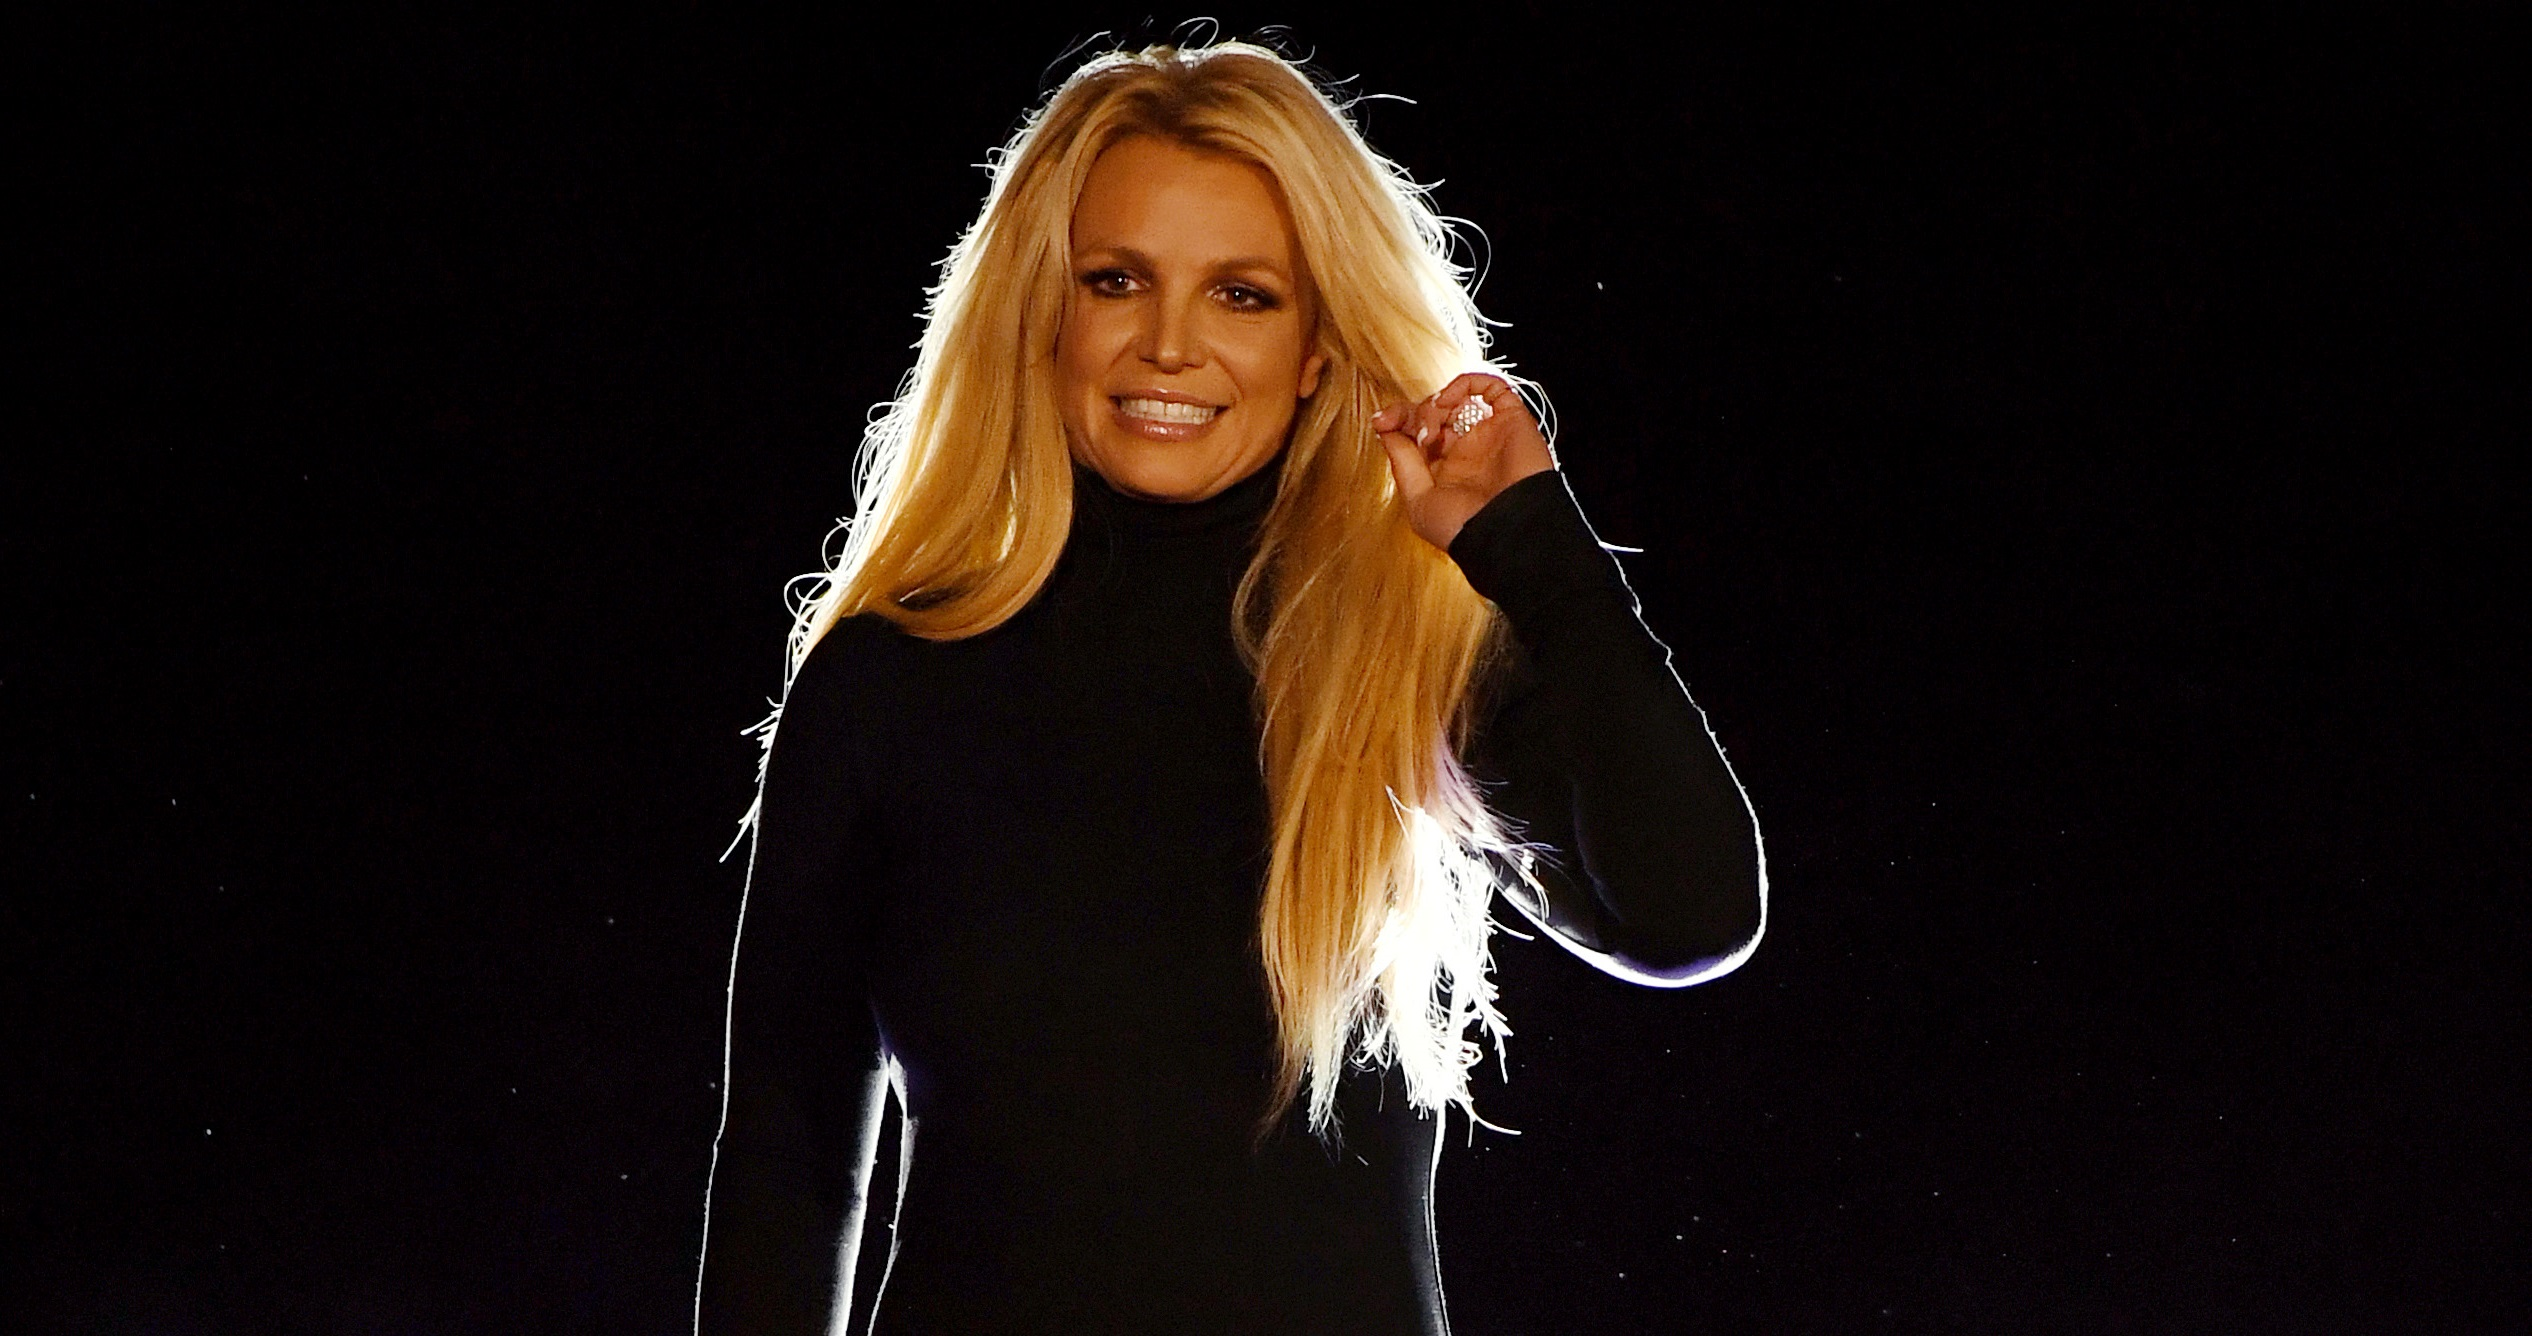 Após quase um mês internada, Britney Spears deixa clínica psiquiátrica com namorado; vem ver!>